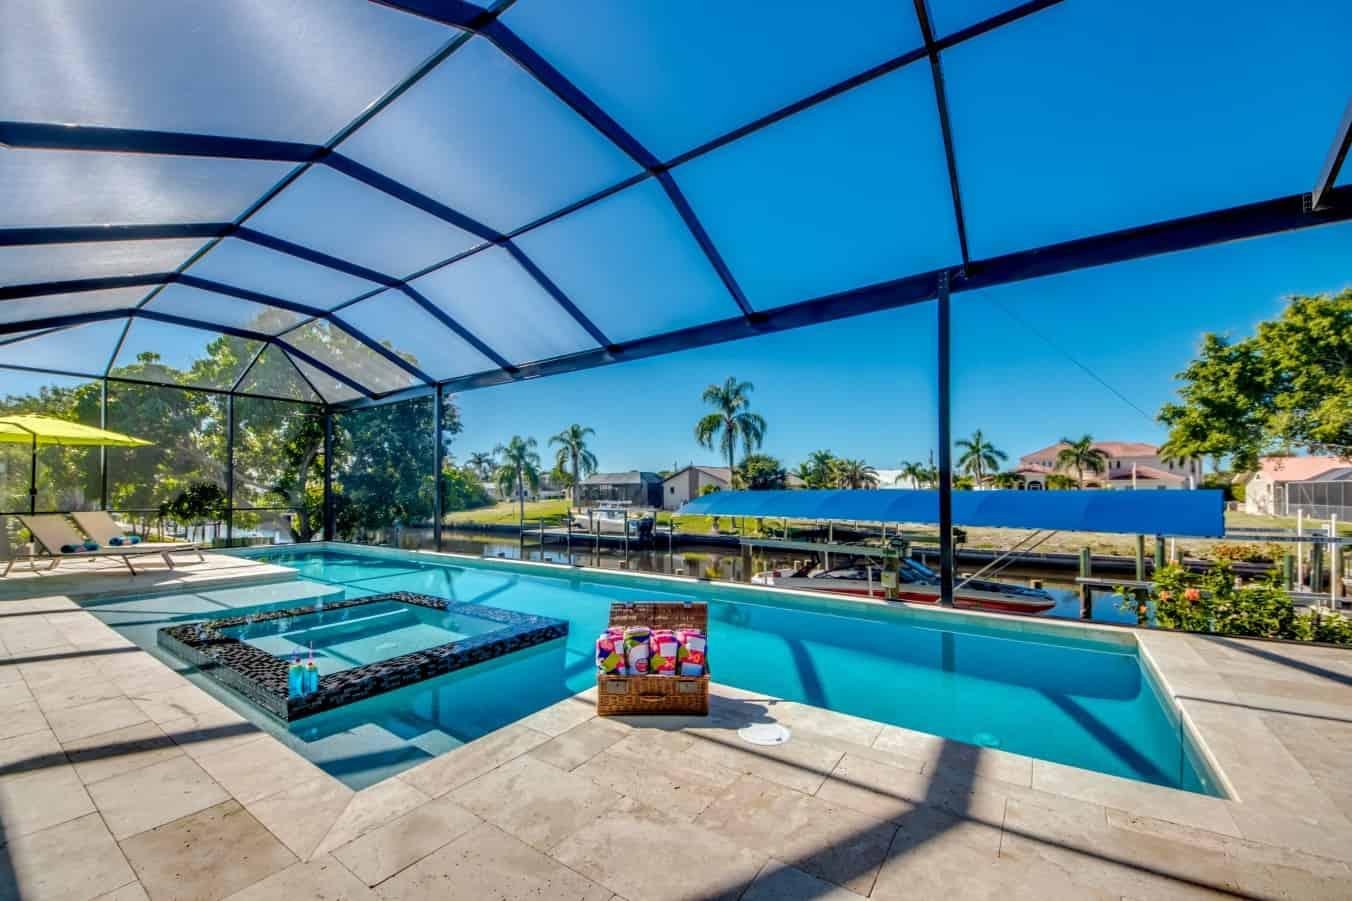 Ferienhaus mit Pool in Cape Coral